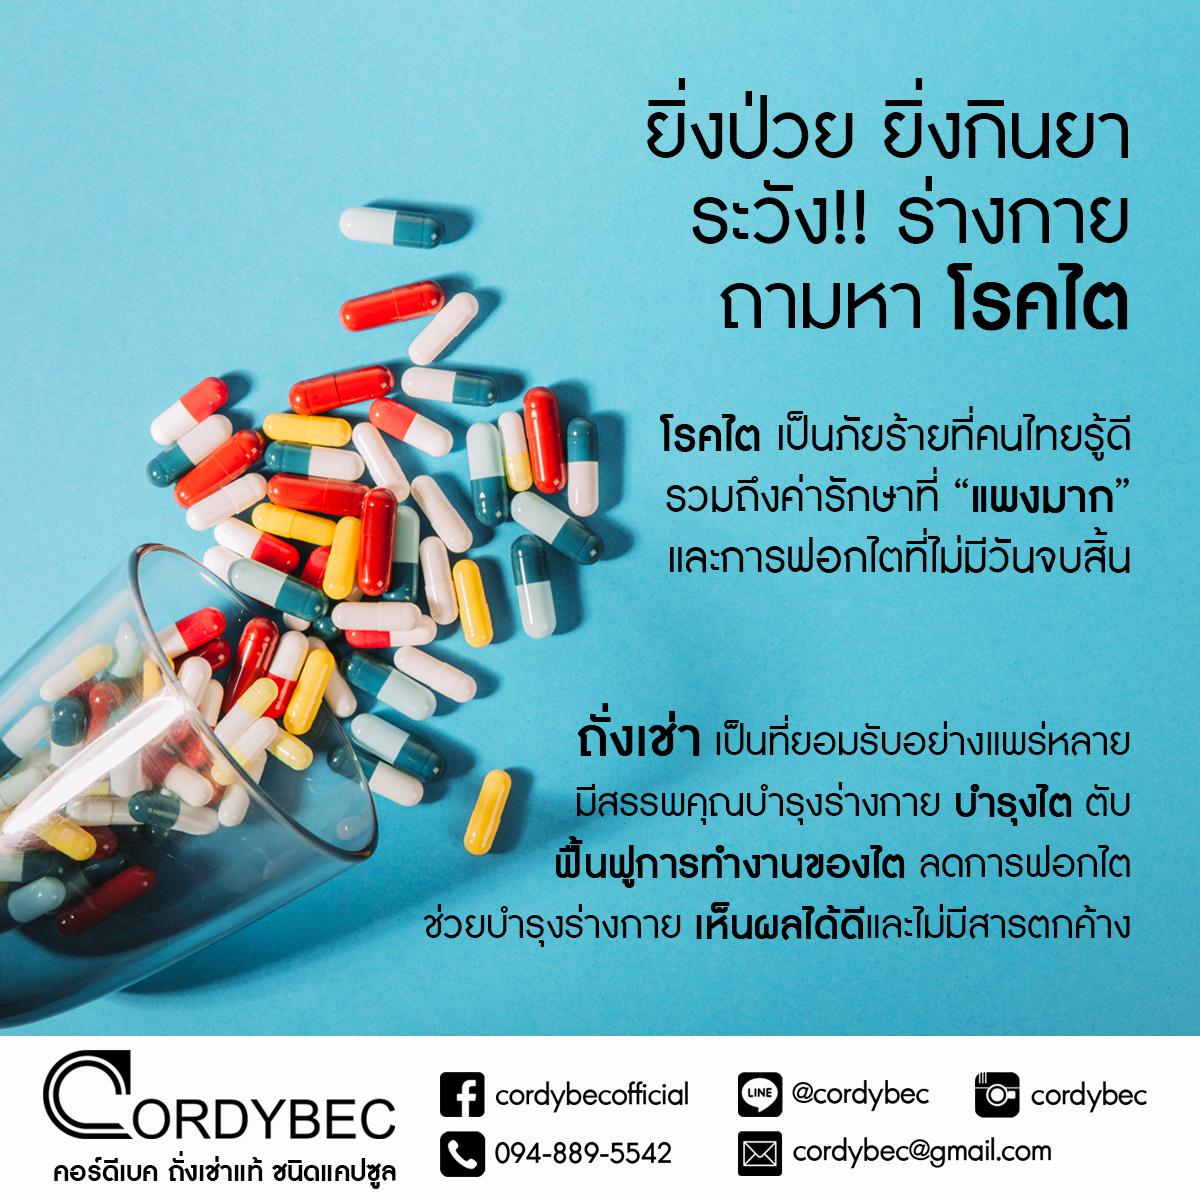 Cordybec kidney 016